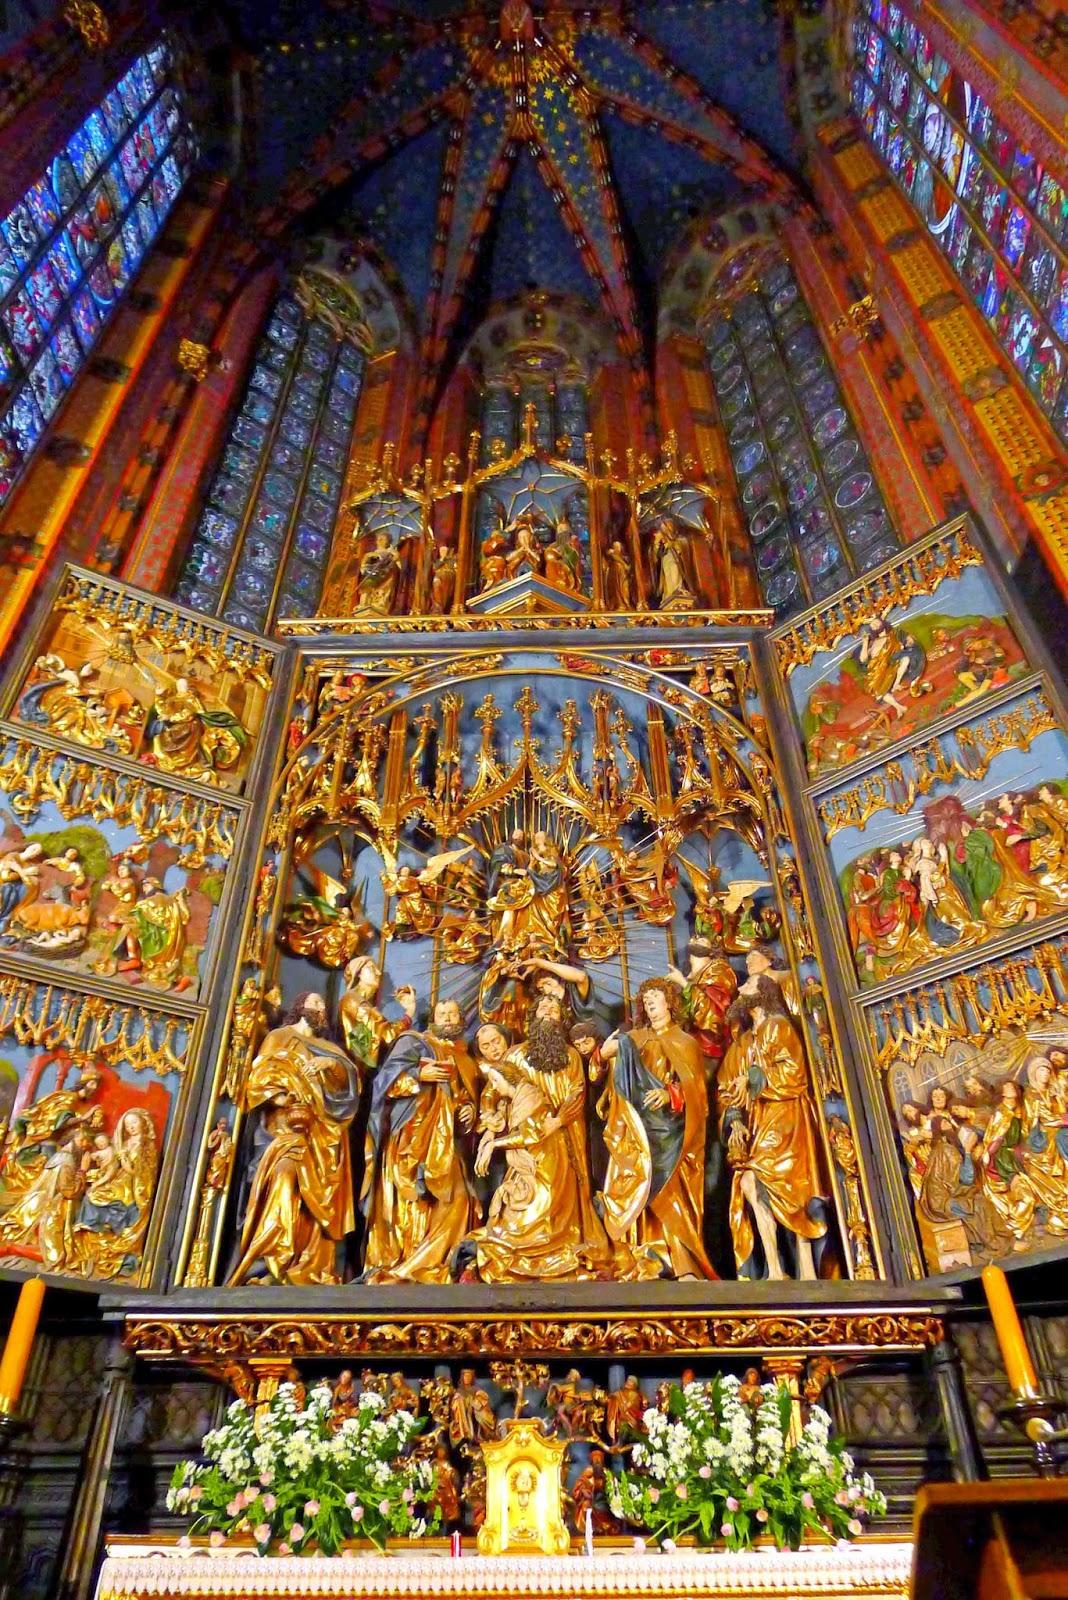 Gothic Altarpiece by Veit Stoss